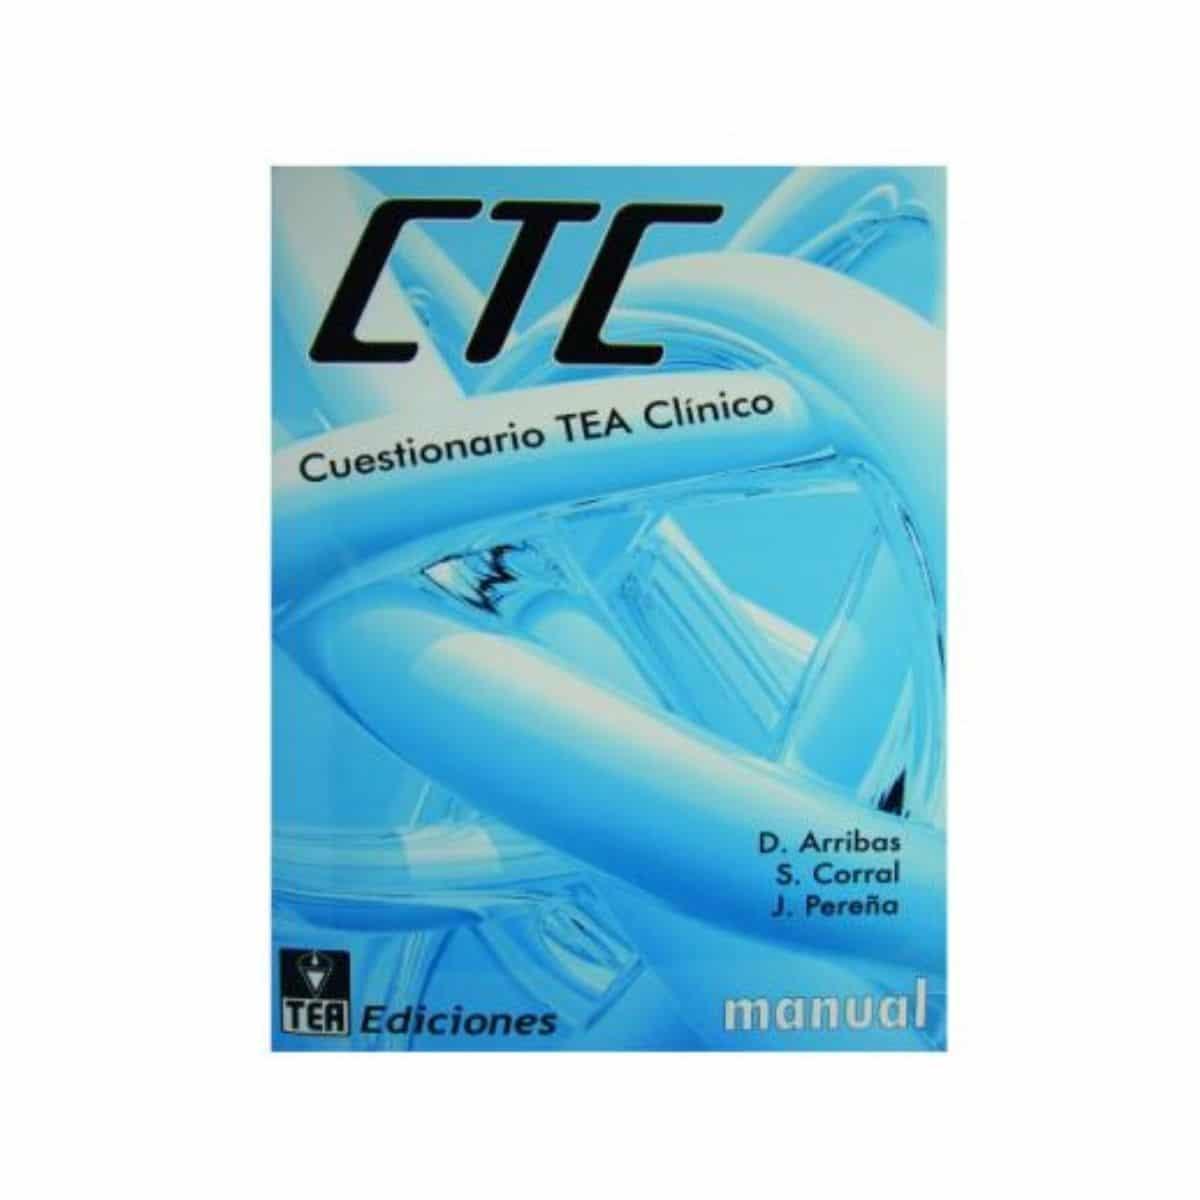 CTC Cuestionario TEA Clínico